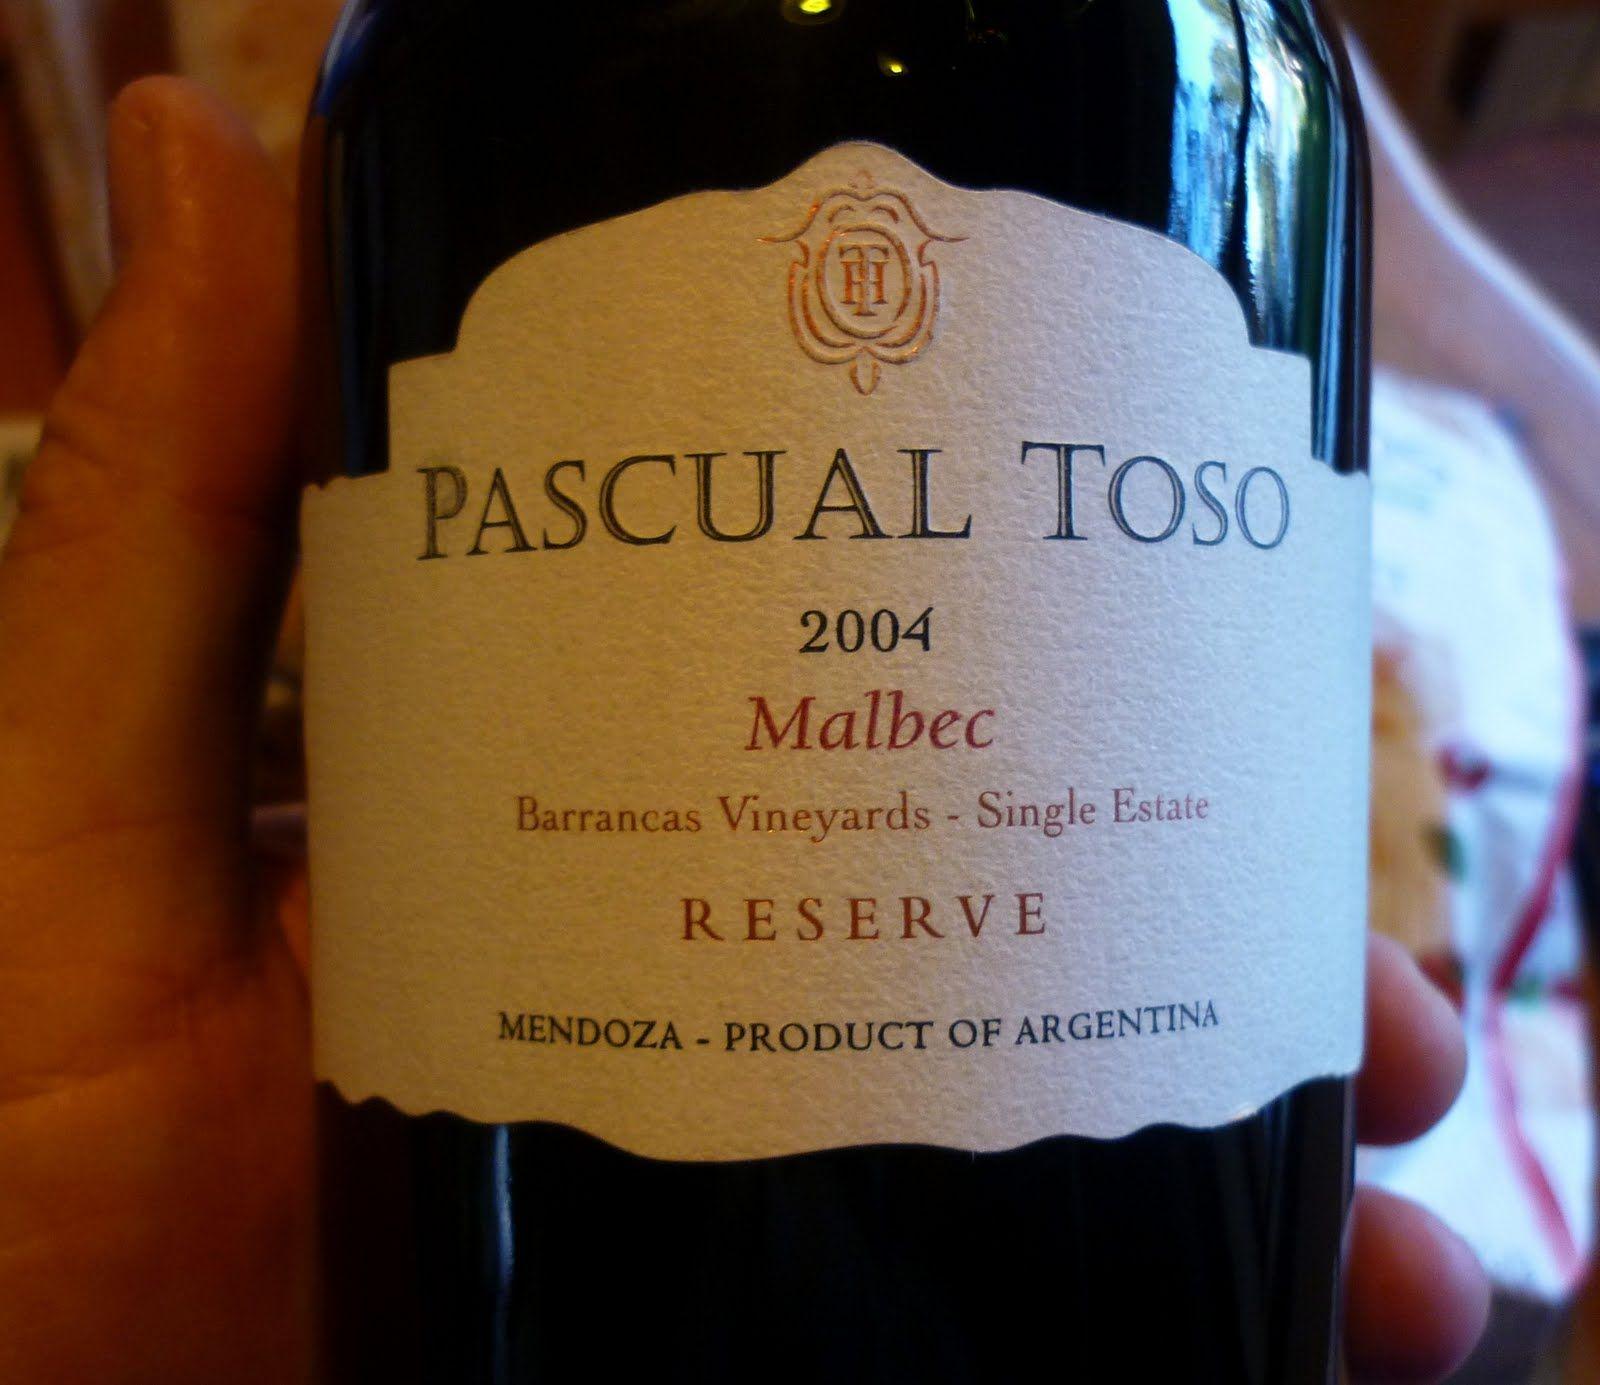 93 Pascual Toso 2007 Alta Reserva Las Barrancas Vineyards